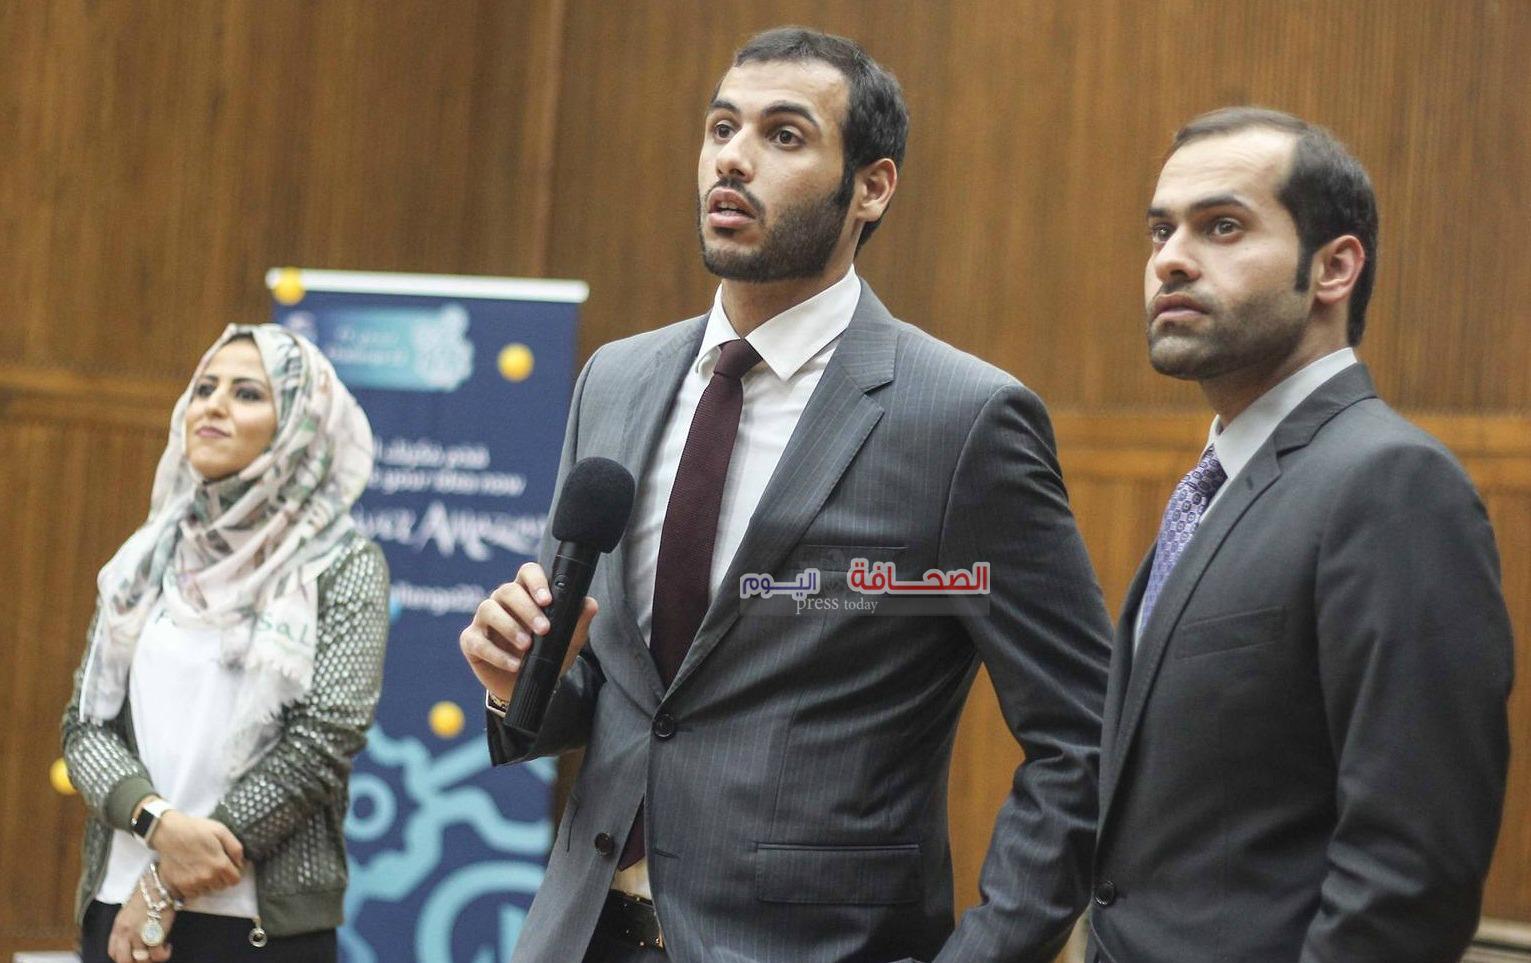 نجاح باهر للجلسة التعريفية لوفد تحدي 22  بالقاهرة